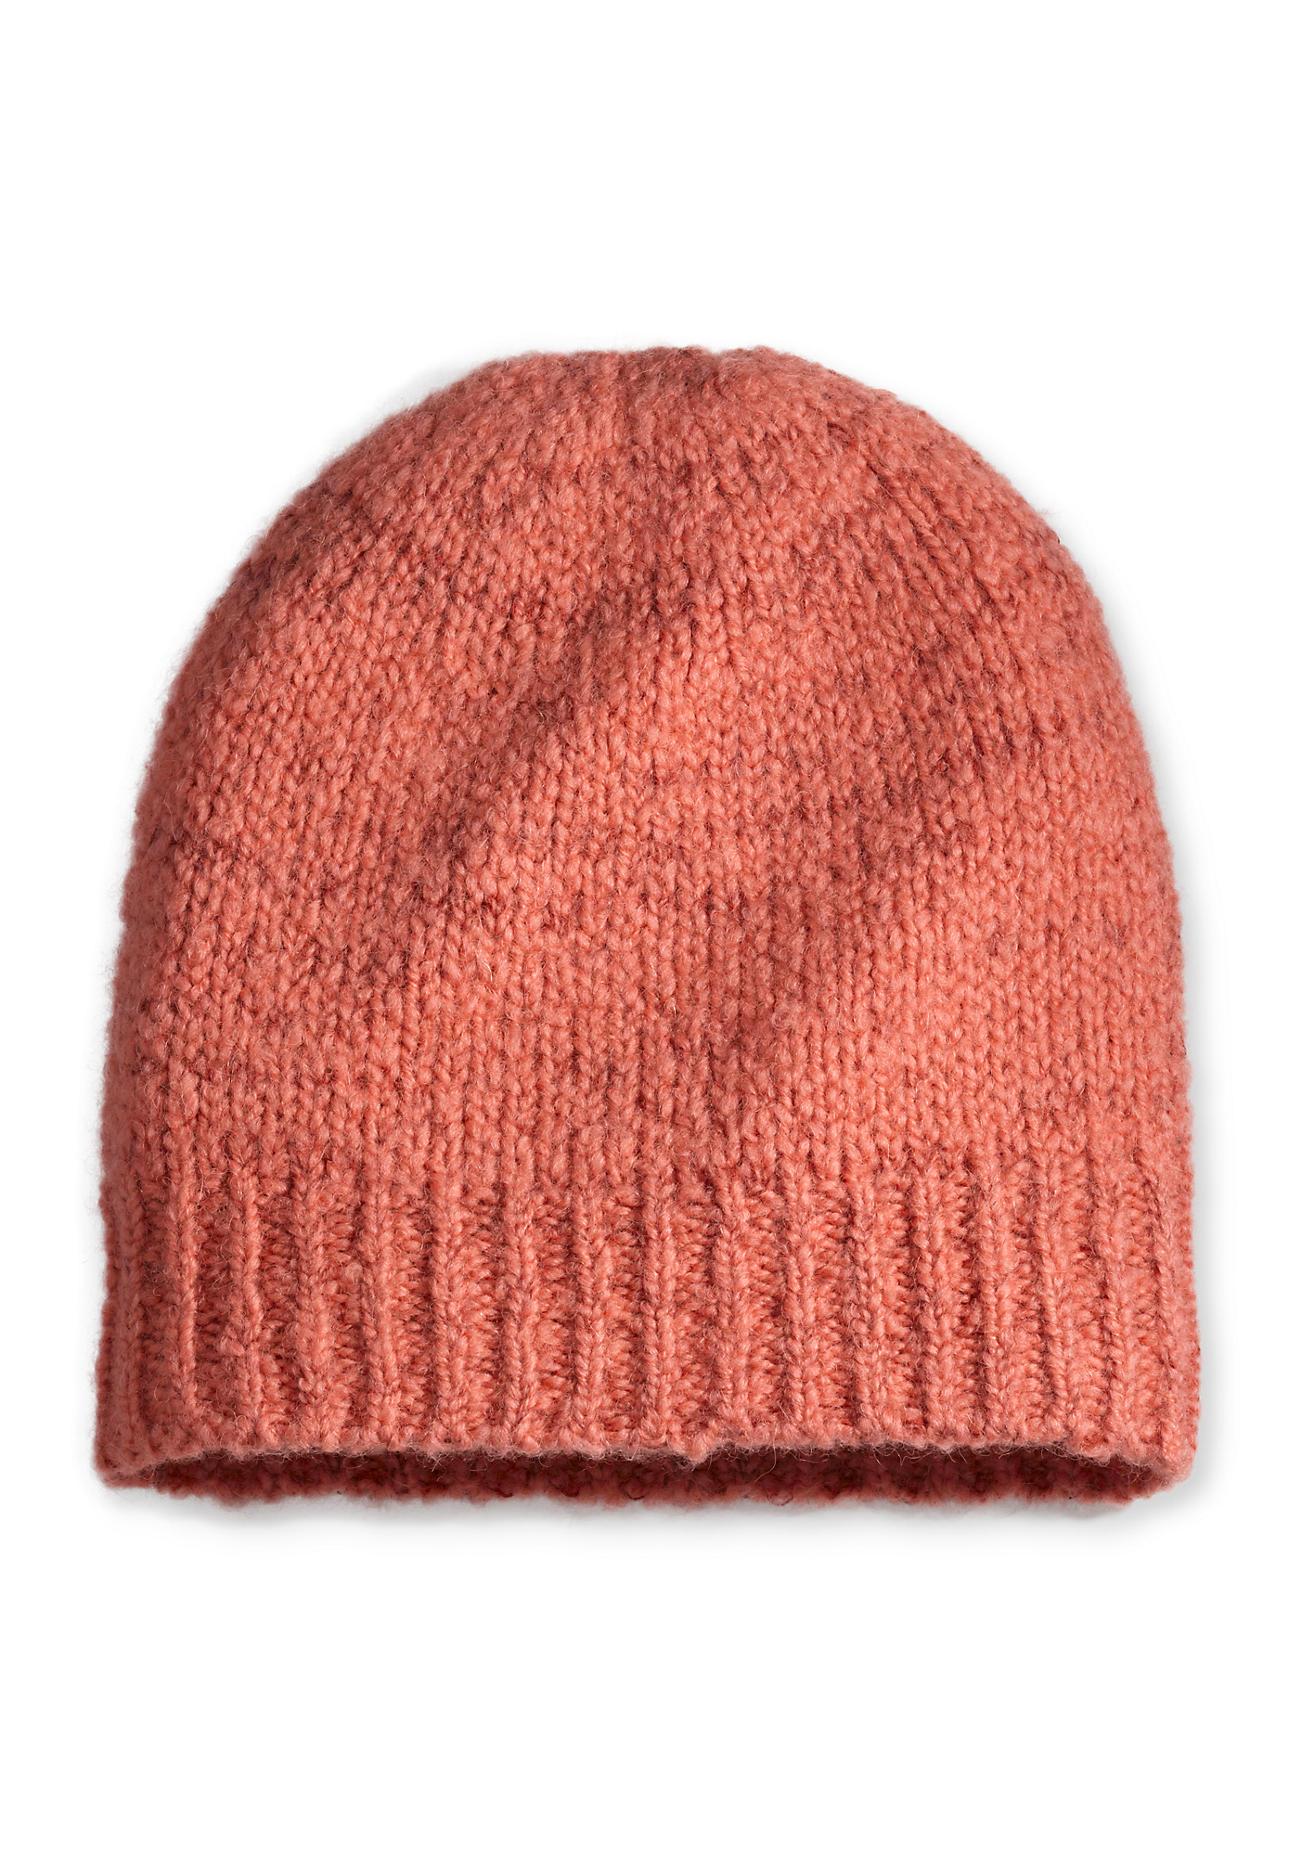 Muetzen für Frauen - hessnatur Damen Mütze aus Schurwolle mit Alpaka und Bio Baumwolle – orange –  - Onlineshop Hessnatur